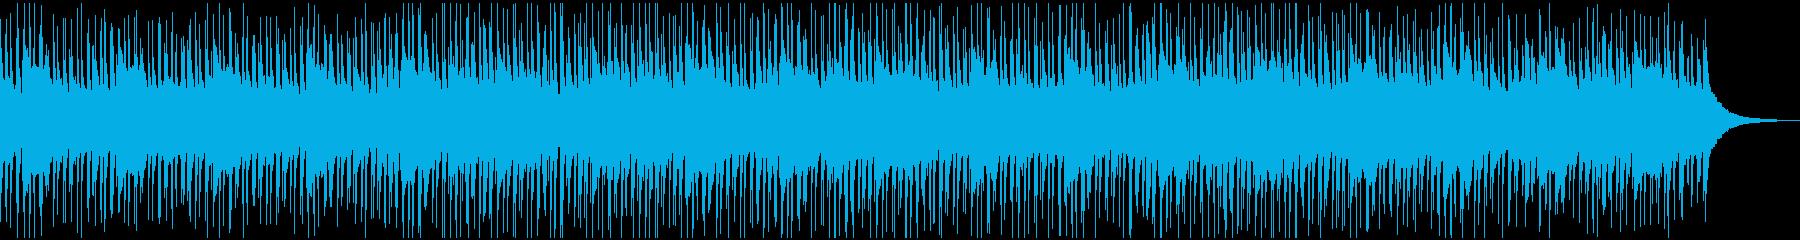 ほのぼの優しいウクレレBGMの再生済みの波形